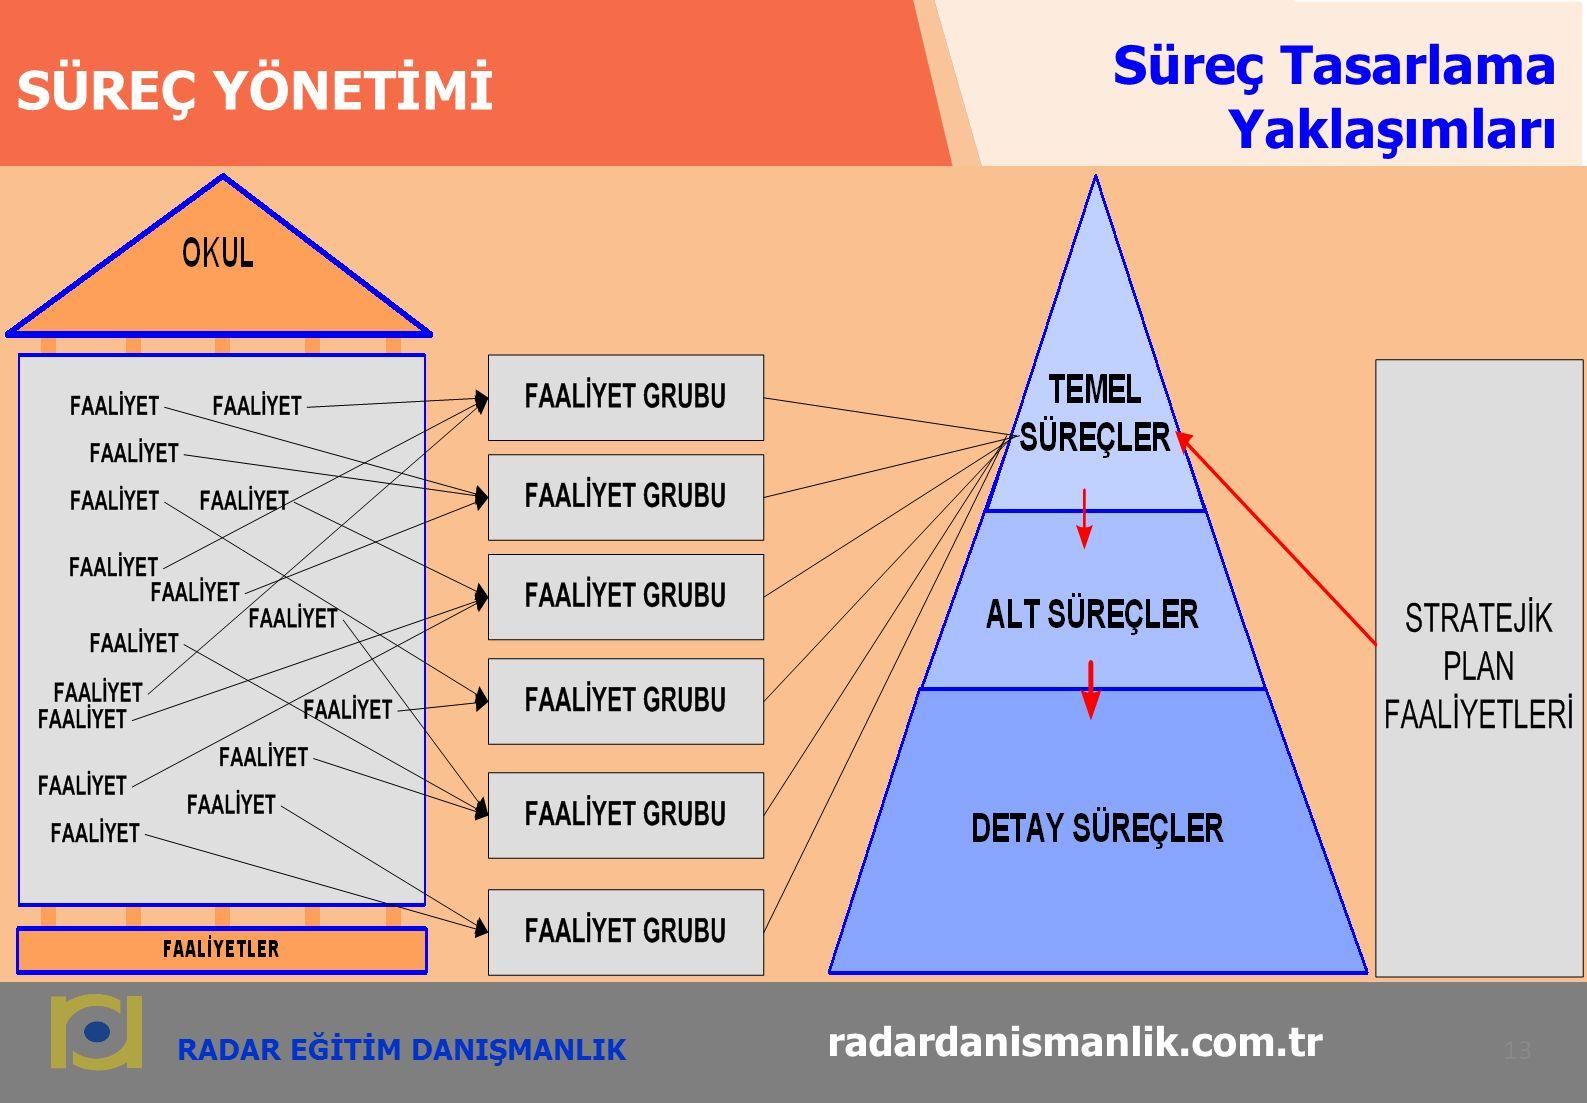 RADAR EĞİTİM DANIŞMANLIK 13 radardanismanlik.com.tr SÜREÇ YÖNETİMİ Süreç Tasarlama Yaklaşımları